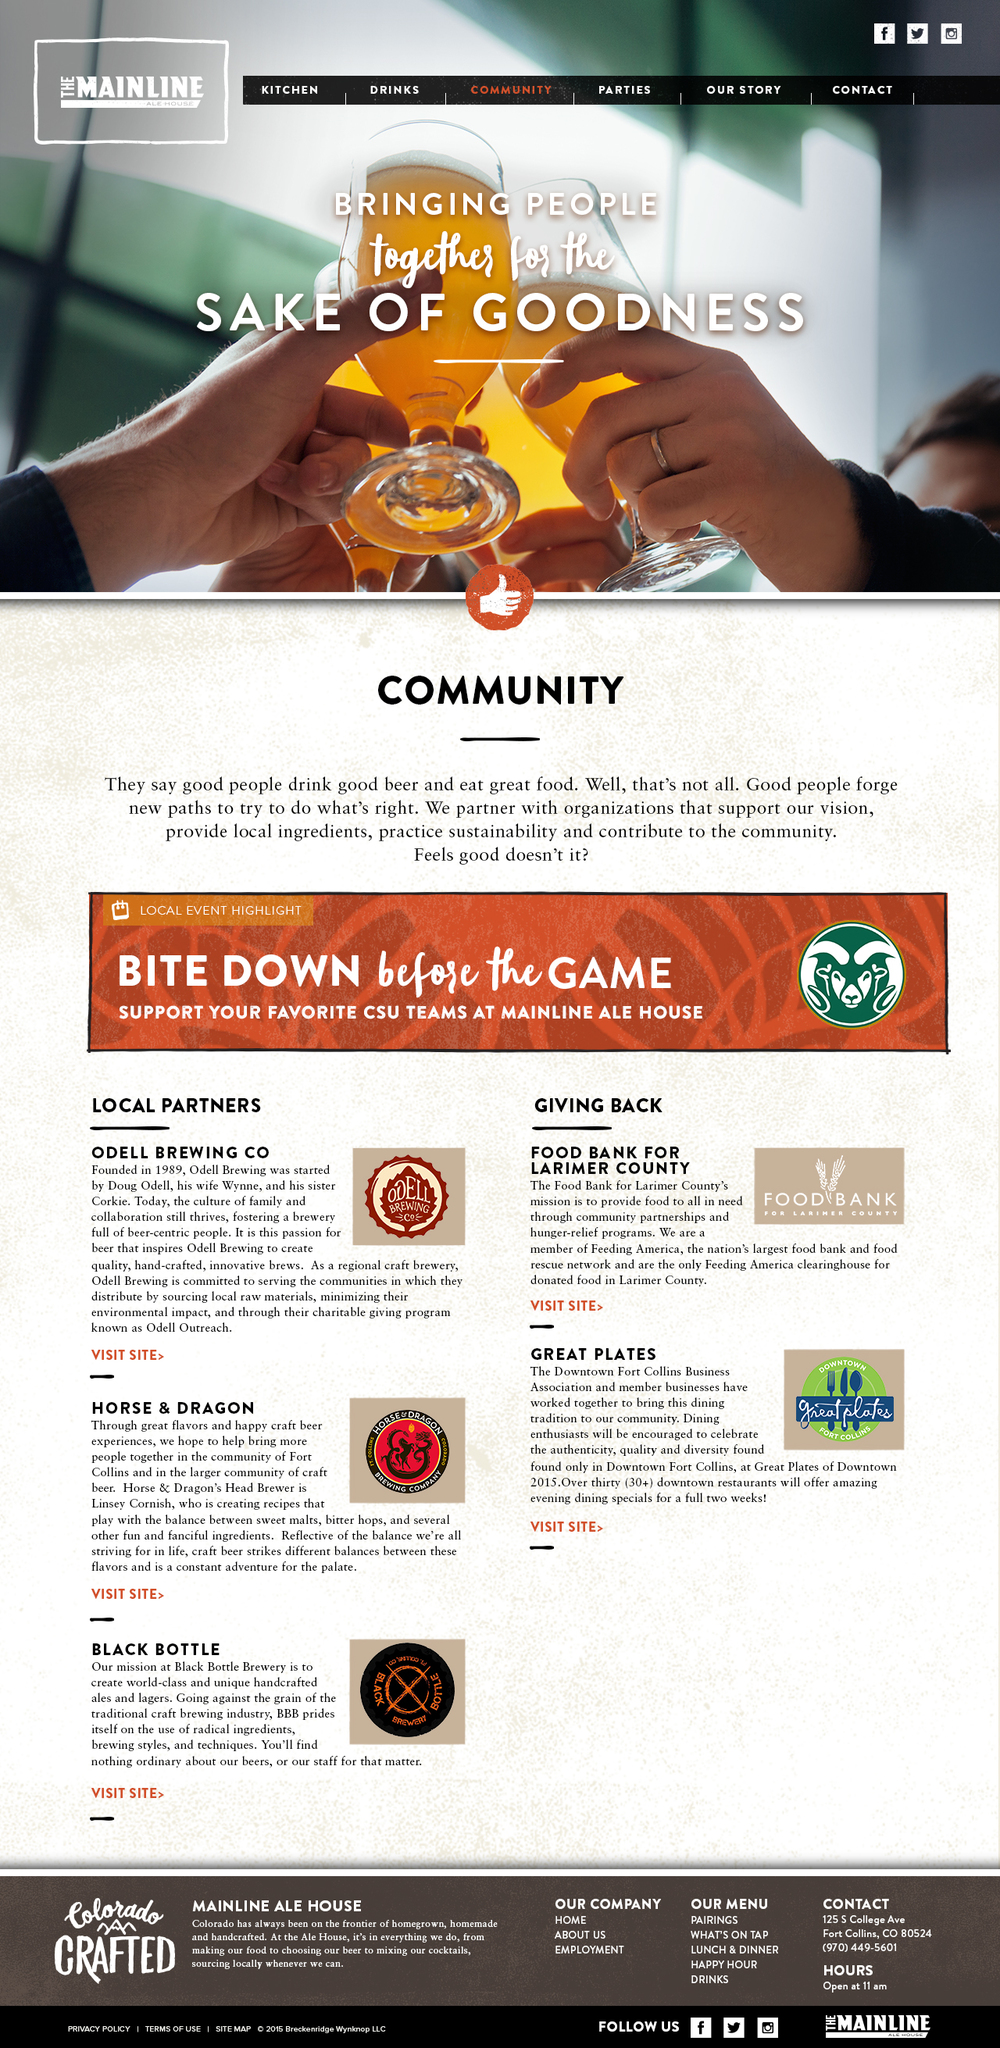 BRECK 107A_OldTownWeb_Community_r2.jpg